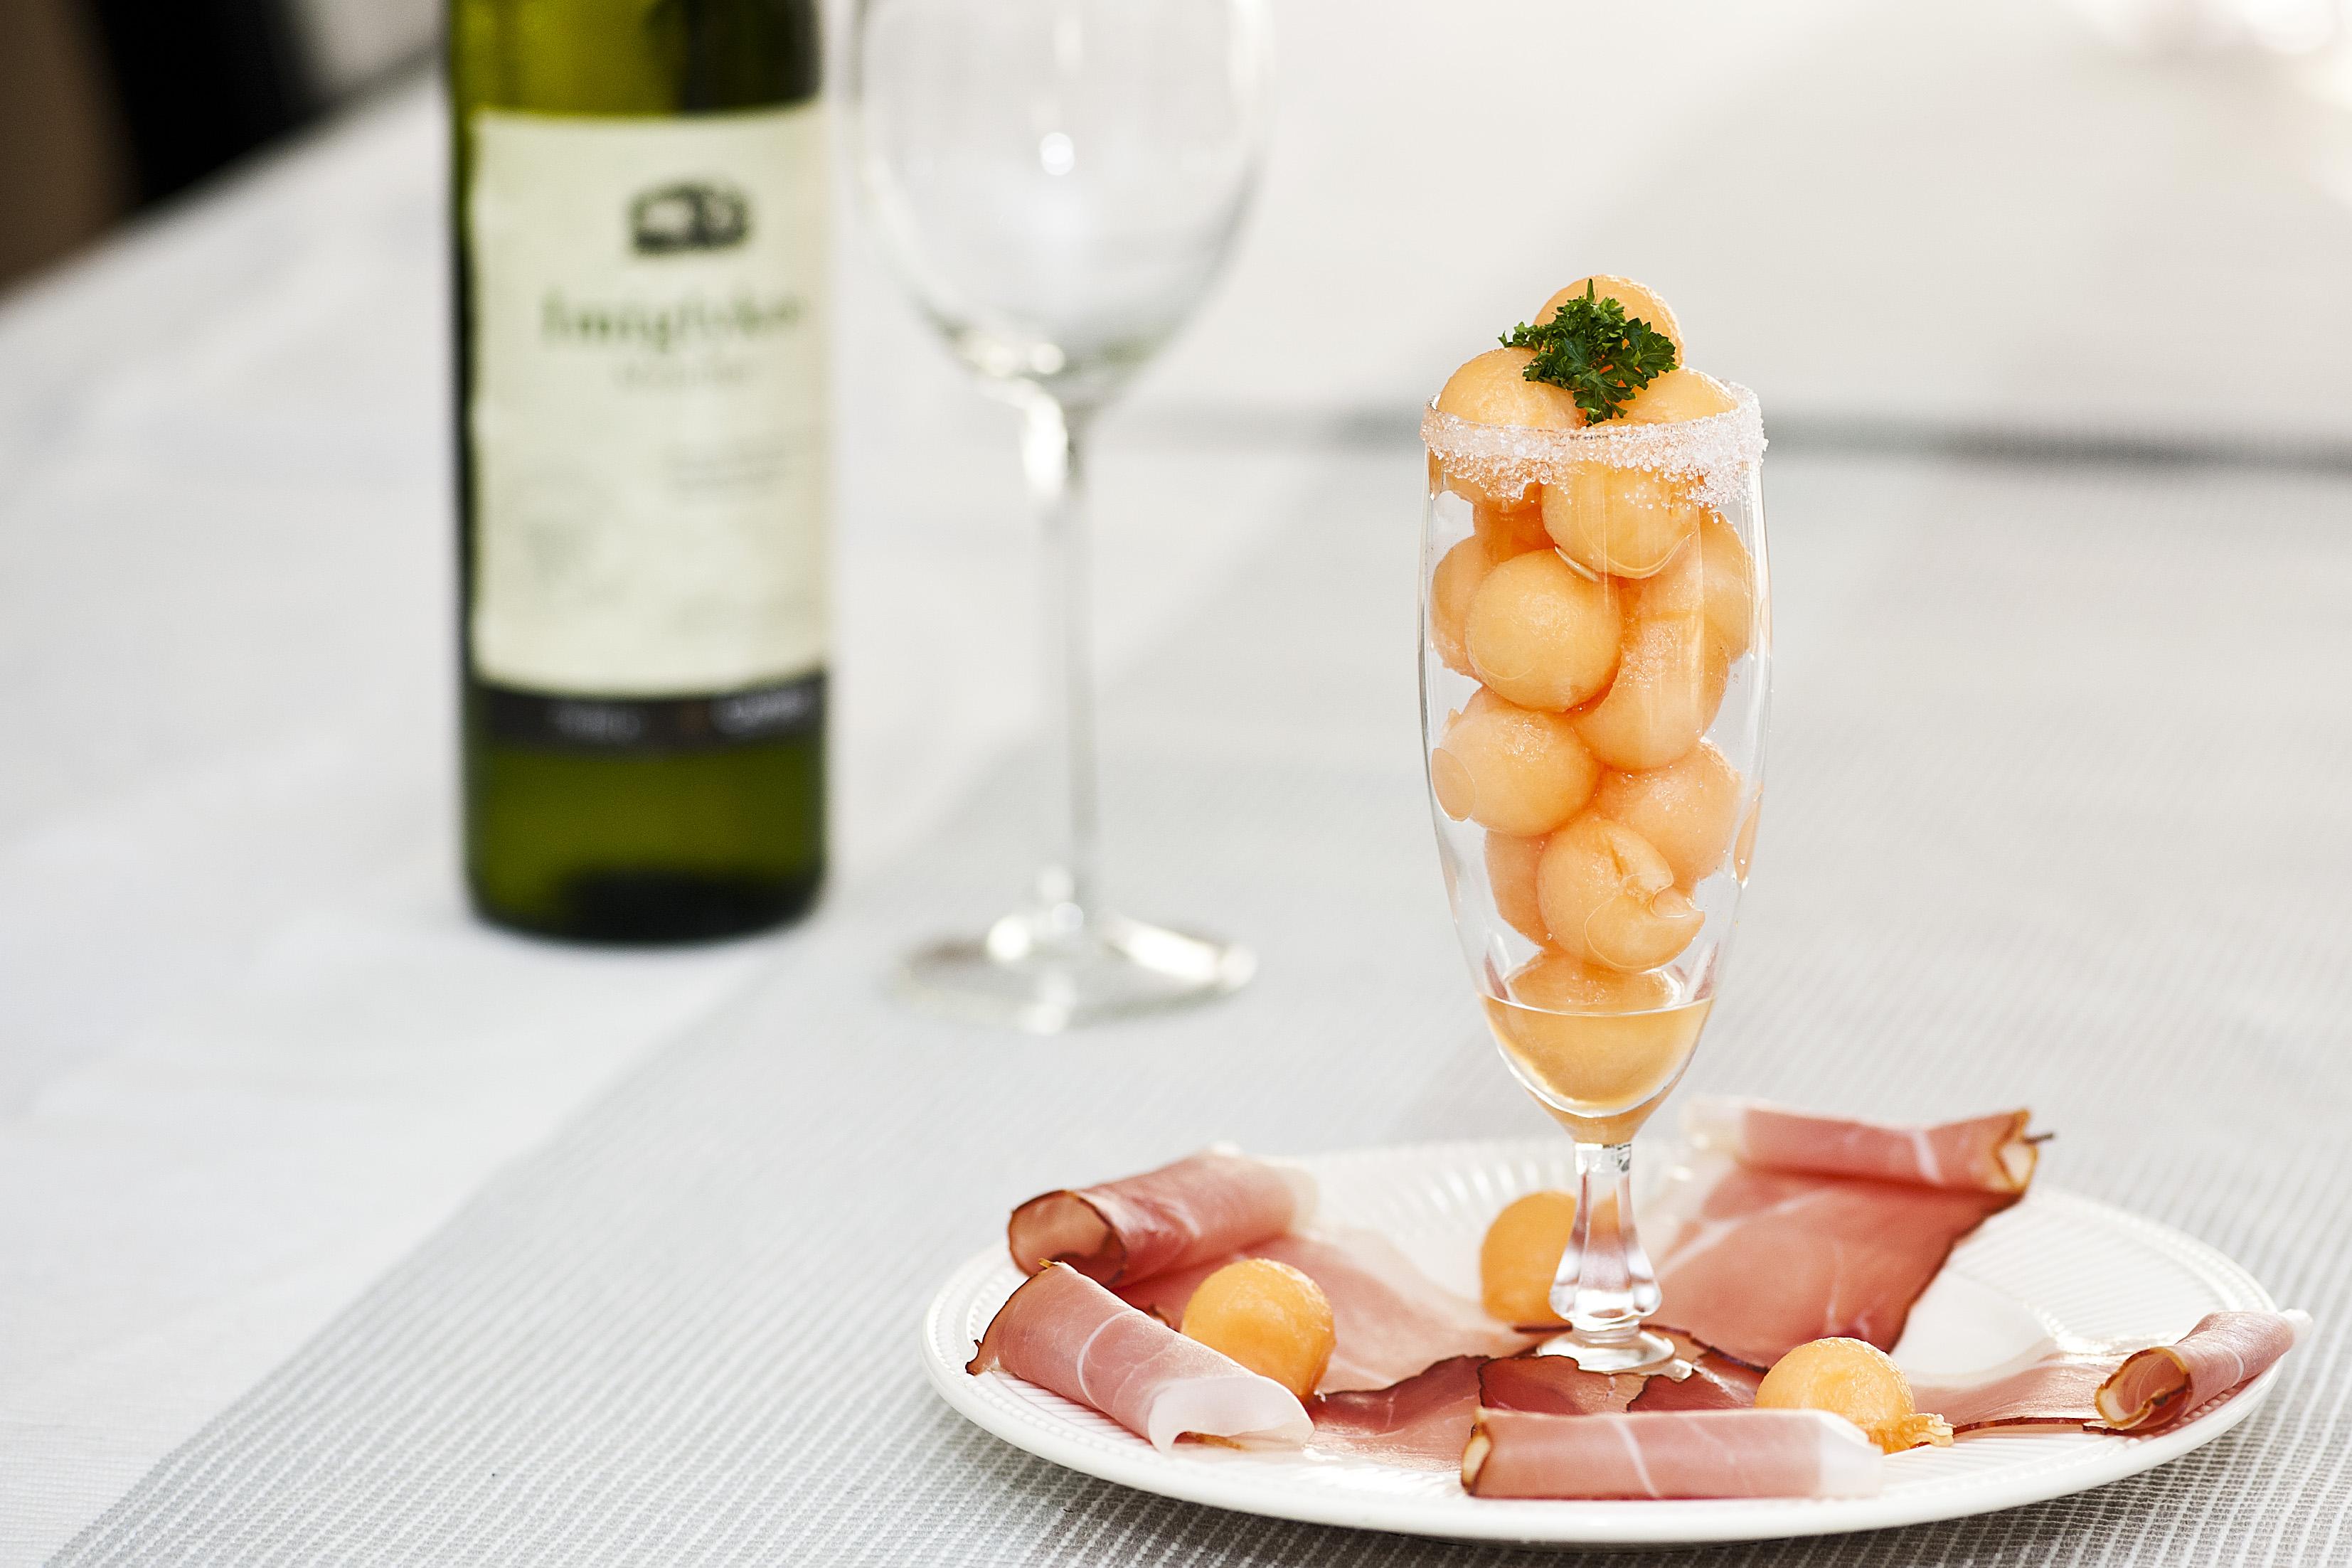 romantisch diner voor twee thuis -Pauls Cuisine komt graag bij u thuis koken